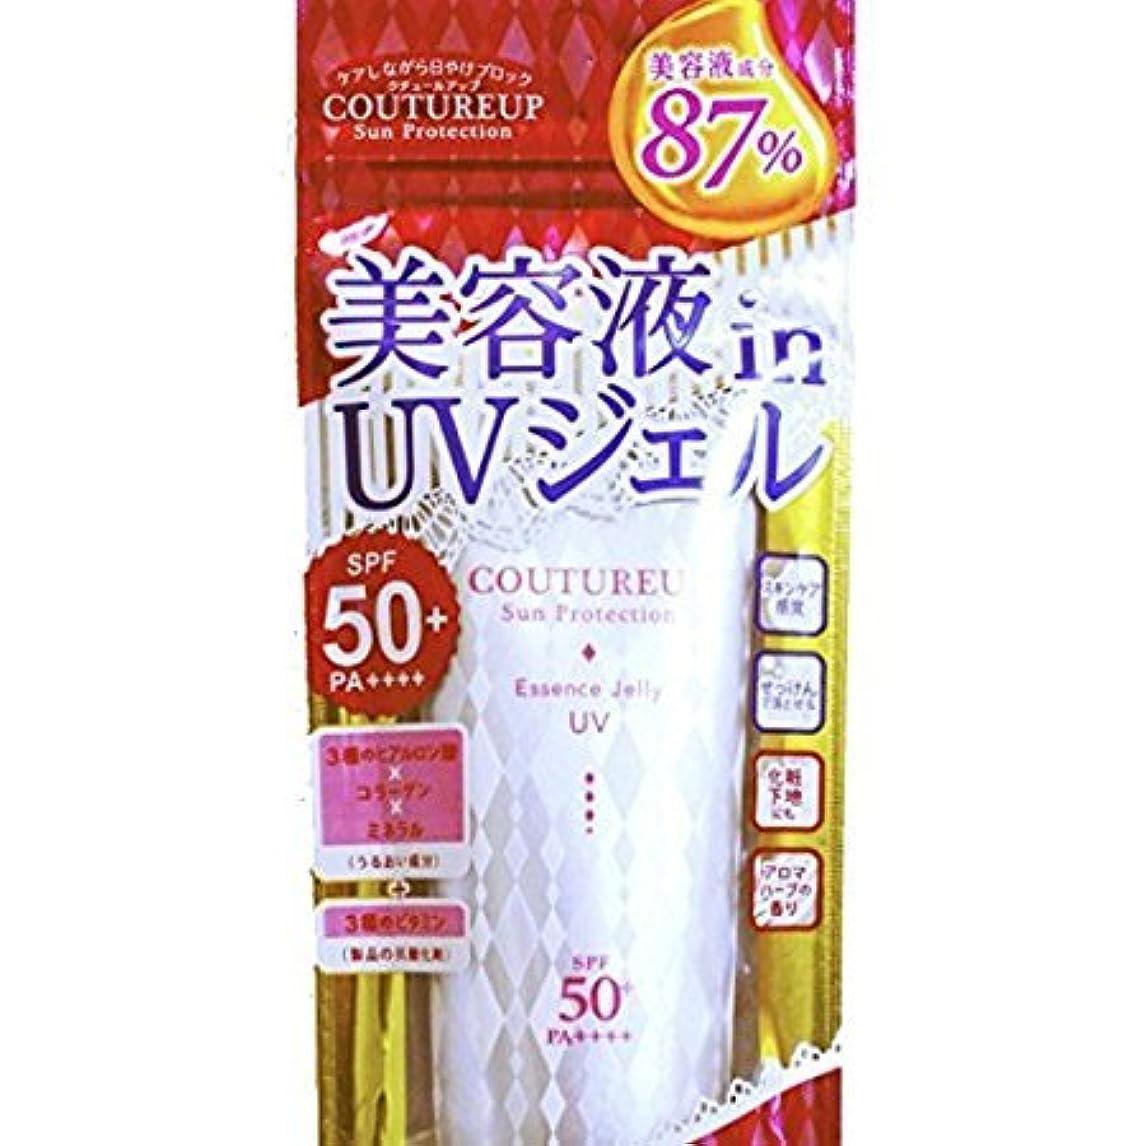 美容液 in UVジェル SPF50+/PA++++ 65g 美容液成分87% 日焼け止め&化粧下地